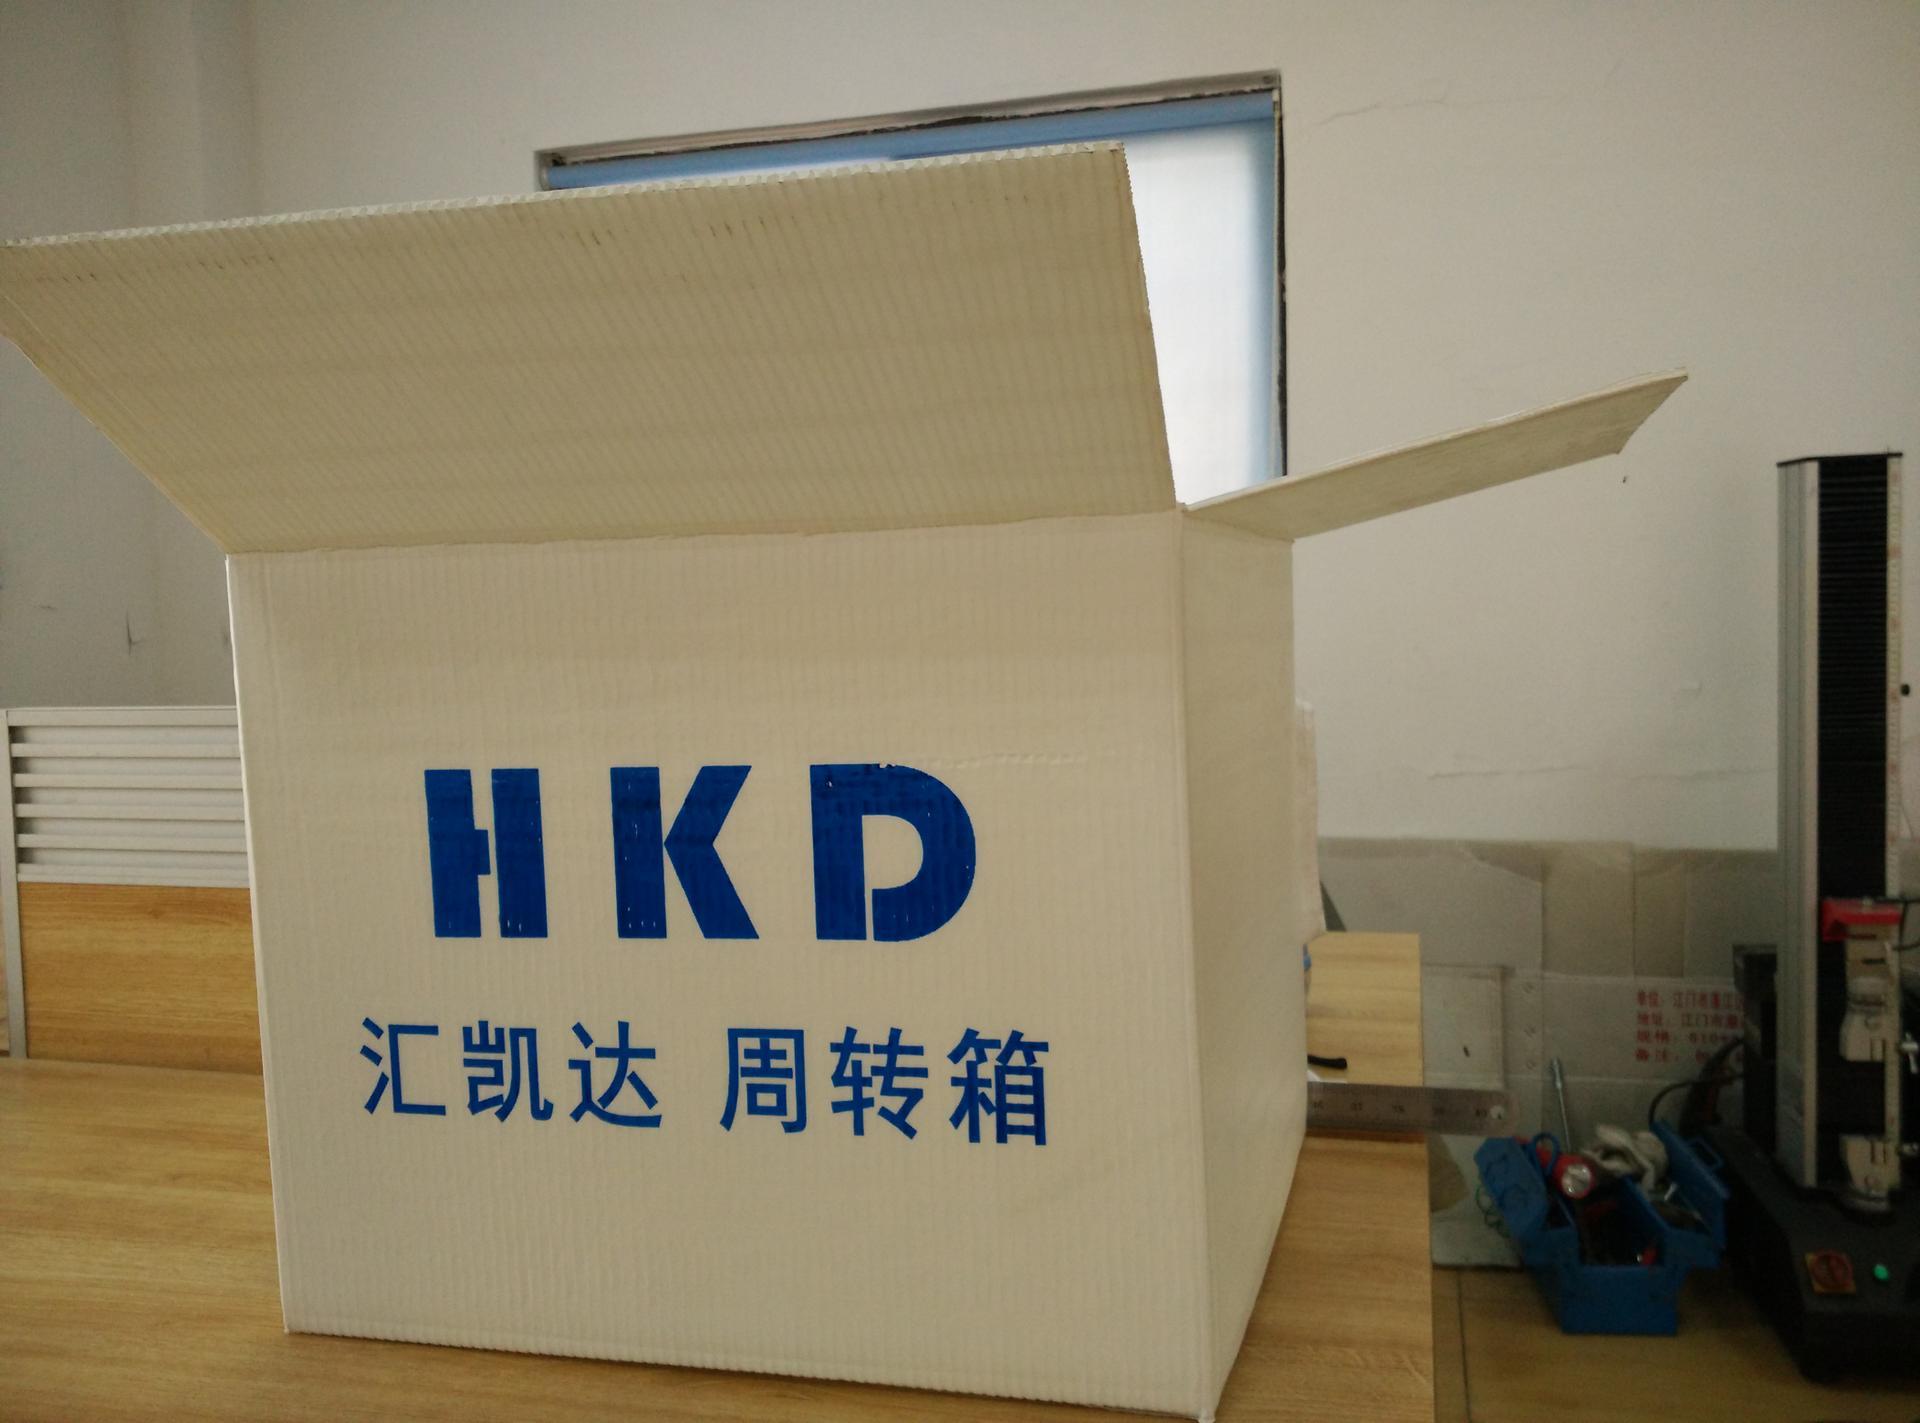 钙塑周转箱 广州钙塑箱 钙塑箱 中山钙塑箱 钙塑箱厂家 钙塑箱